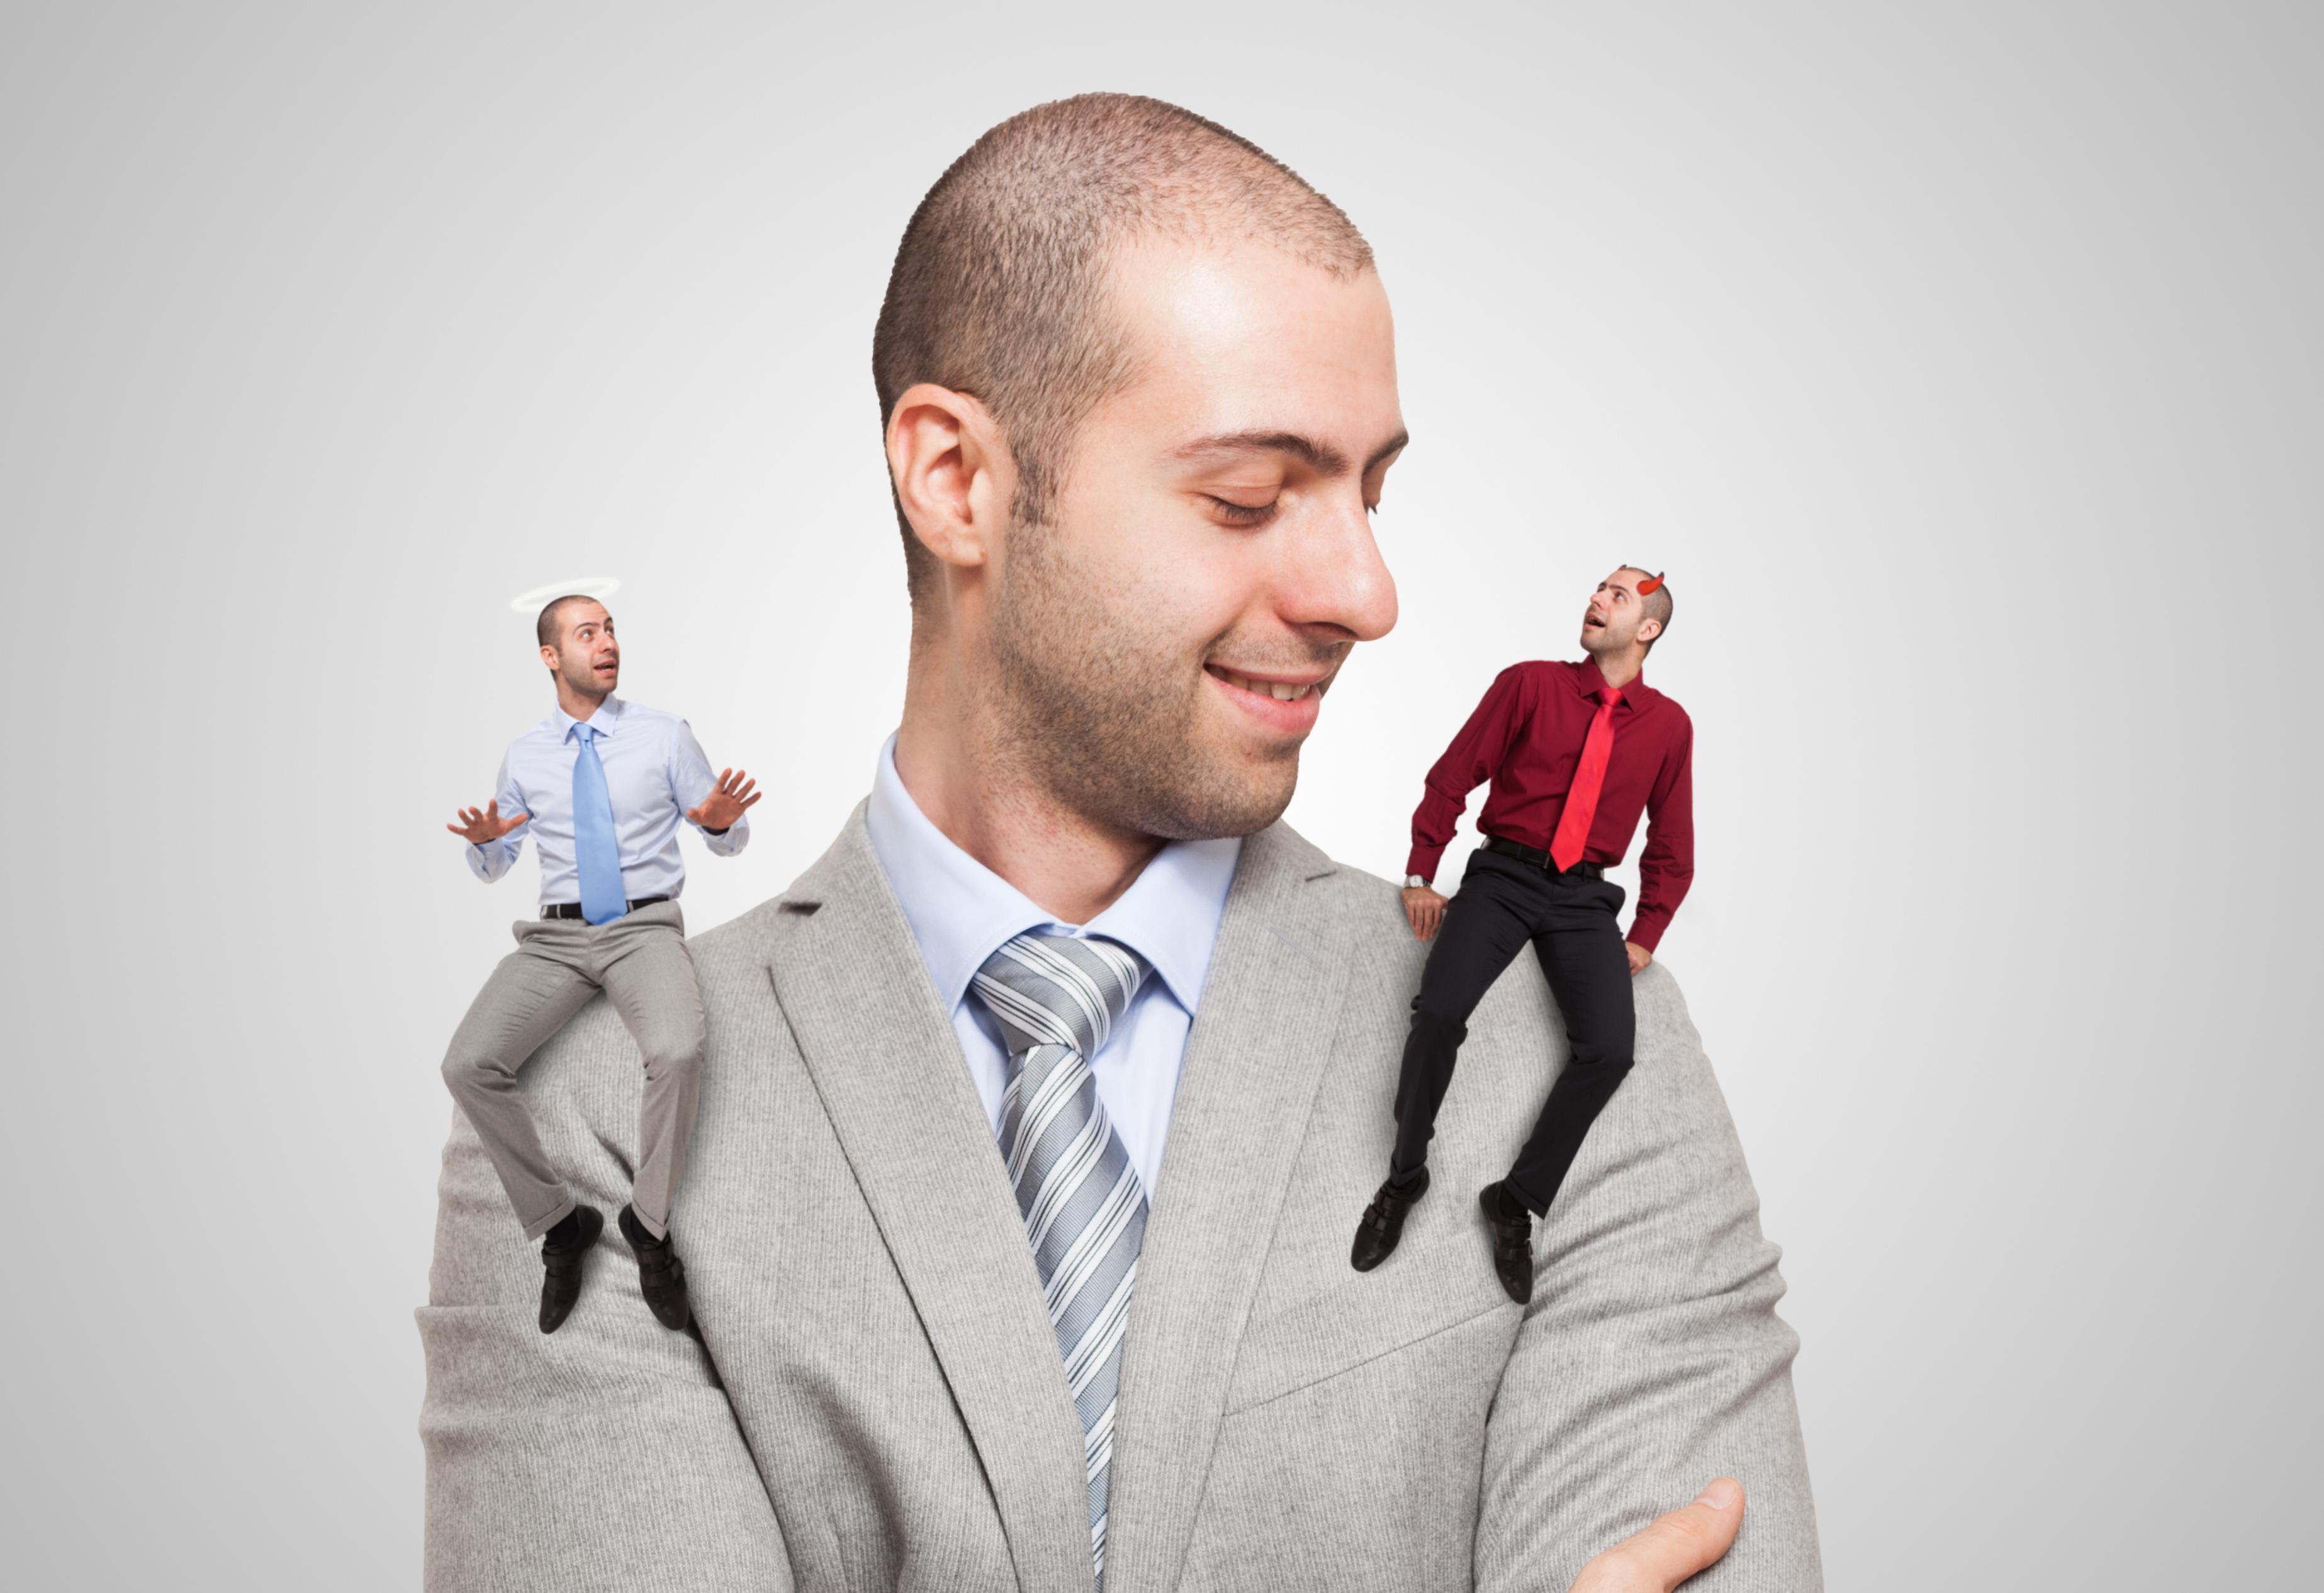 Vos pensées vous mènent-elles par le bout du nez?